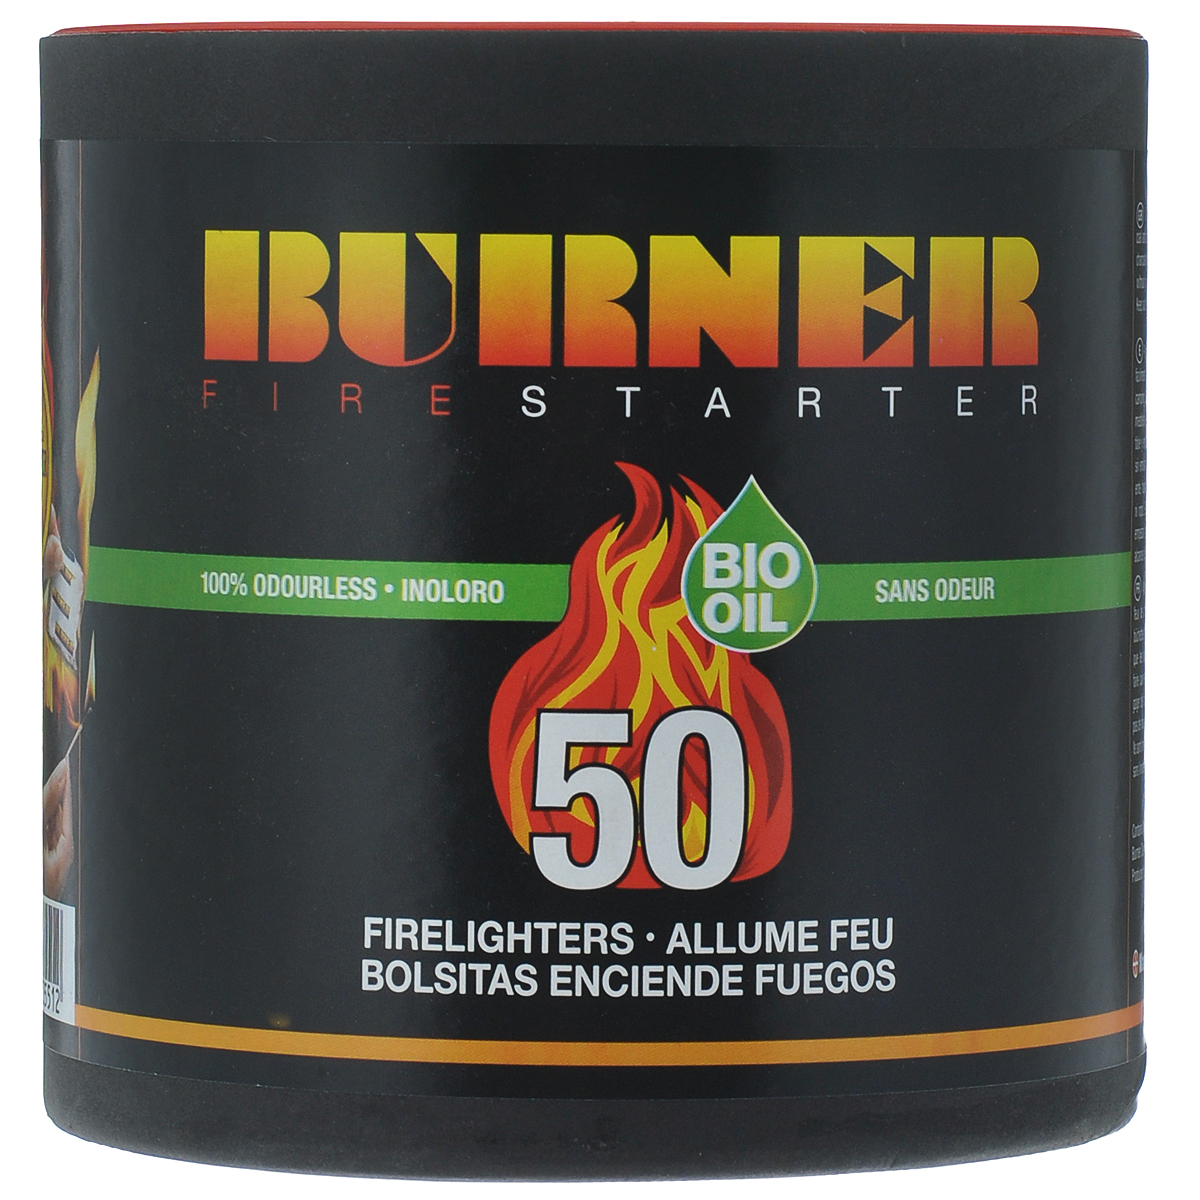 Средство для розжига Burner, в бочонке, 50 пакетов54 009312Розжиг Burner экологически безопасен, удобен в хранении и перевозке - никакой грязи и запахов. Идеальное средство для розжига мангалов, каминов, печей и костров. Кроме того, розжиг Burner не боится сырости и поэтому идеален в походе, на рыбалке, охоте, и в других достаточно экстремальных условиях, когда необходимо разжечь костер для обогрева или приготовления пищи.В комплект входит 50 пакетиков для розжига.Состав: высококачественные N-парафины, растительные масла.